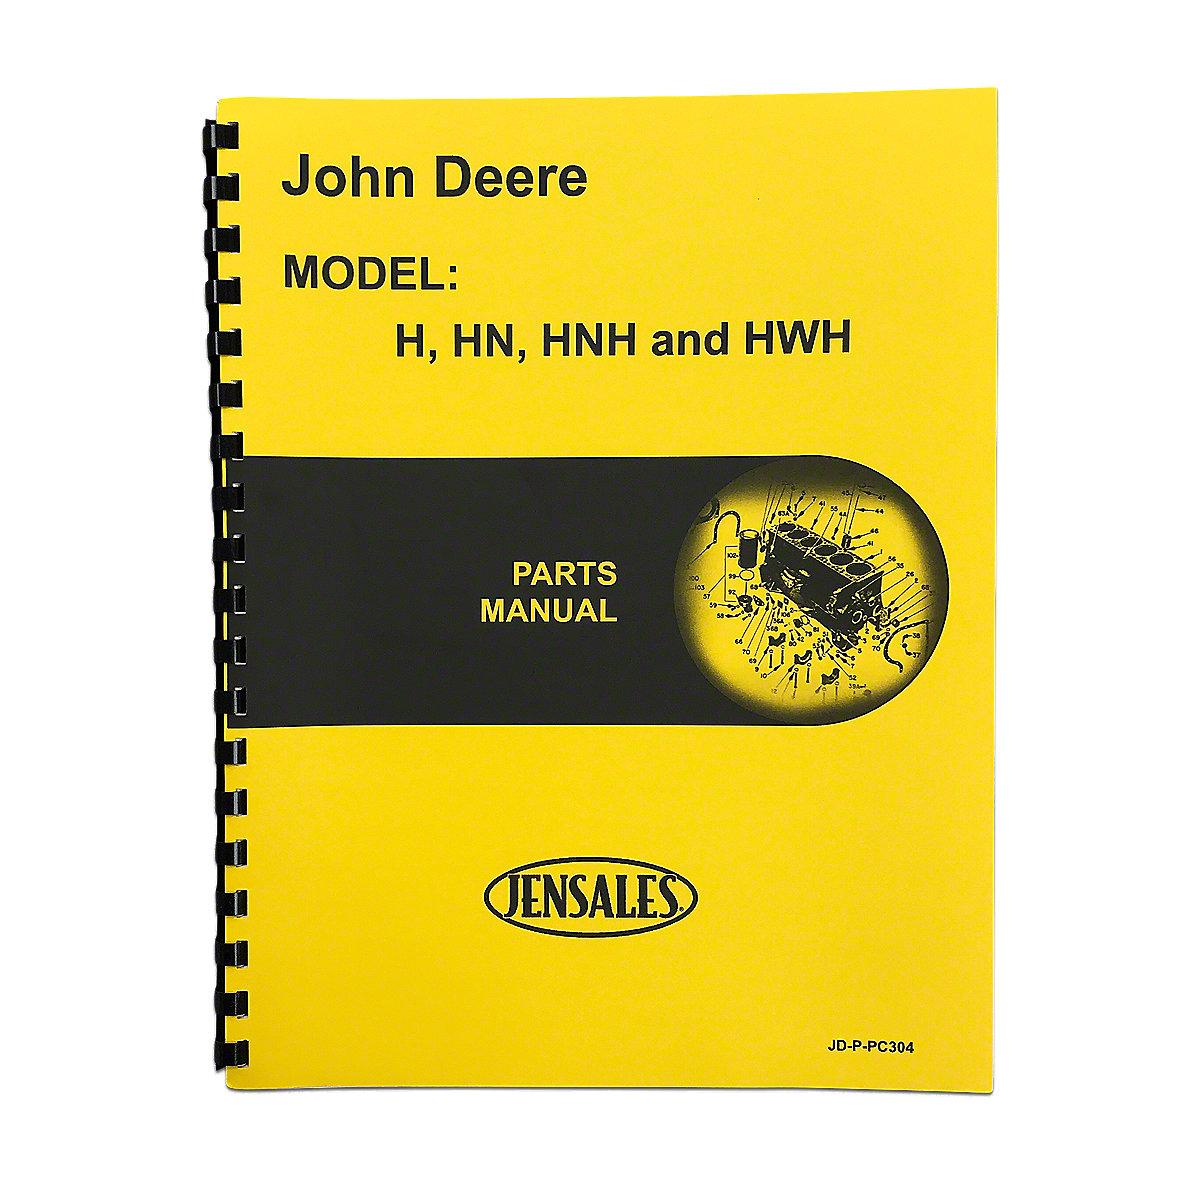 John Deere H Parts Diagram Electrical Wiring Diagrams Alternator Manuals Omview Rep1408 Manual 4030